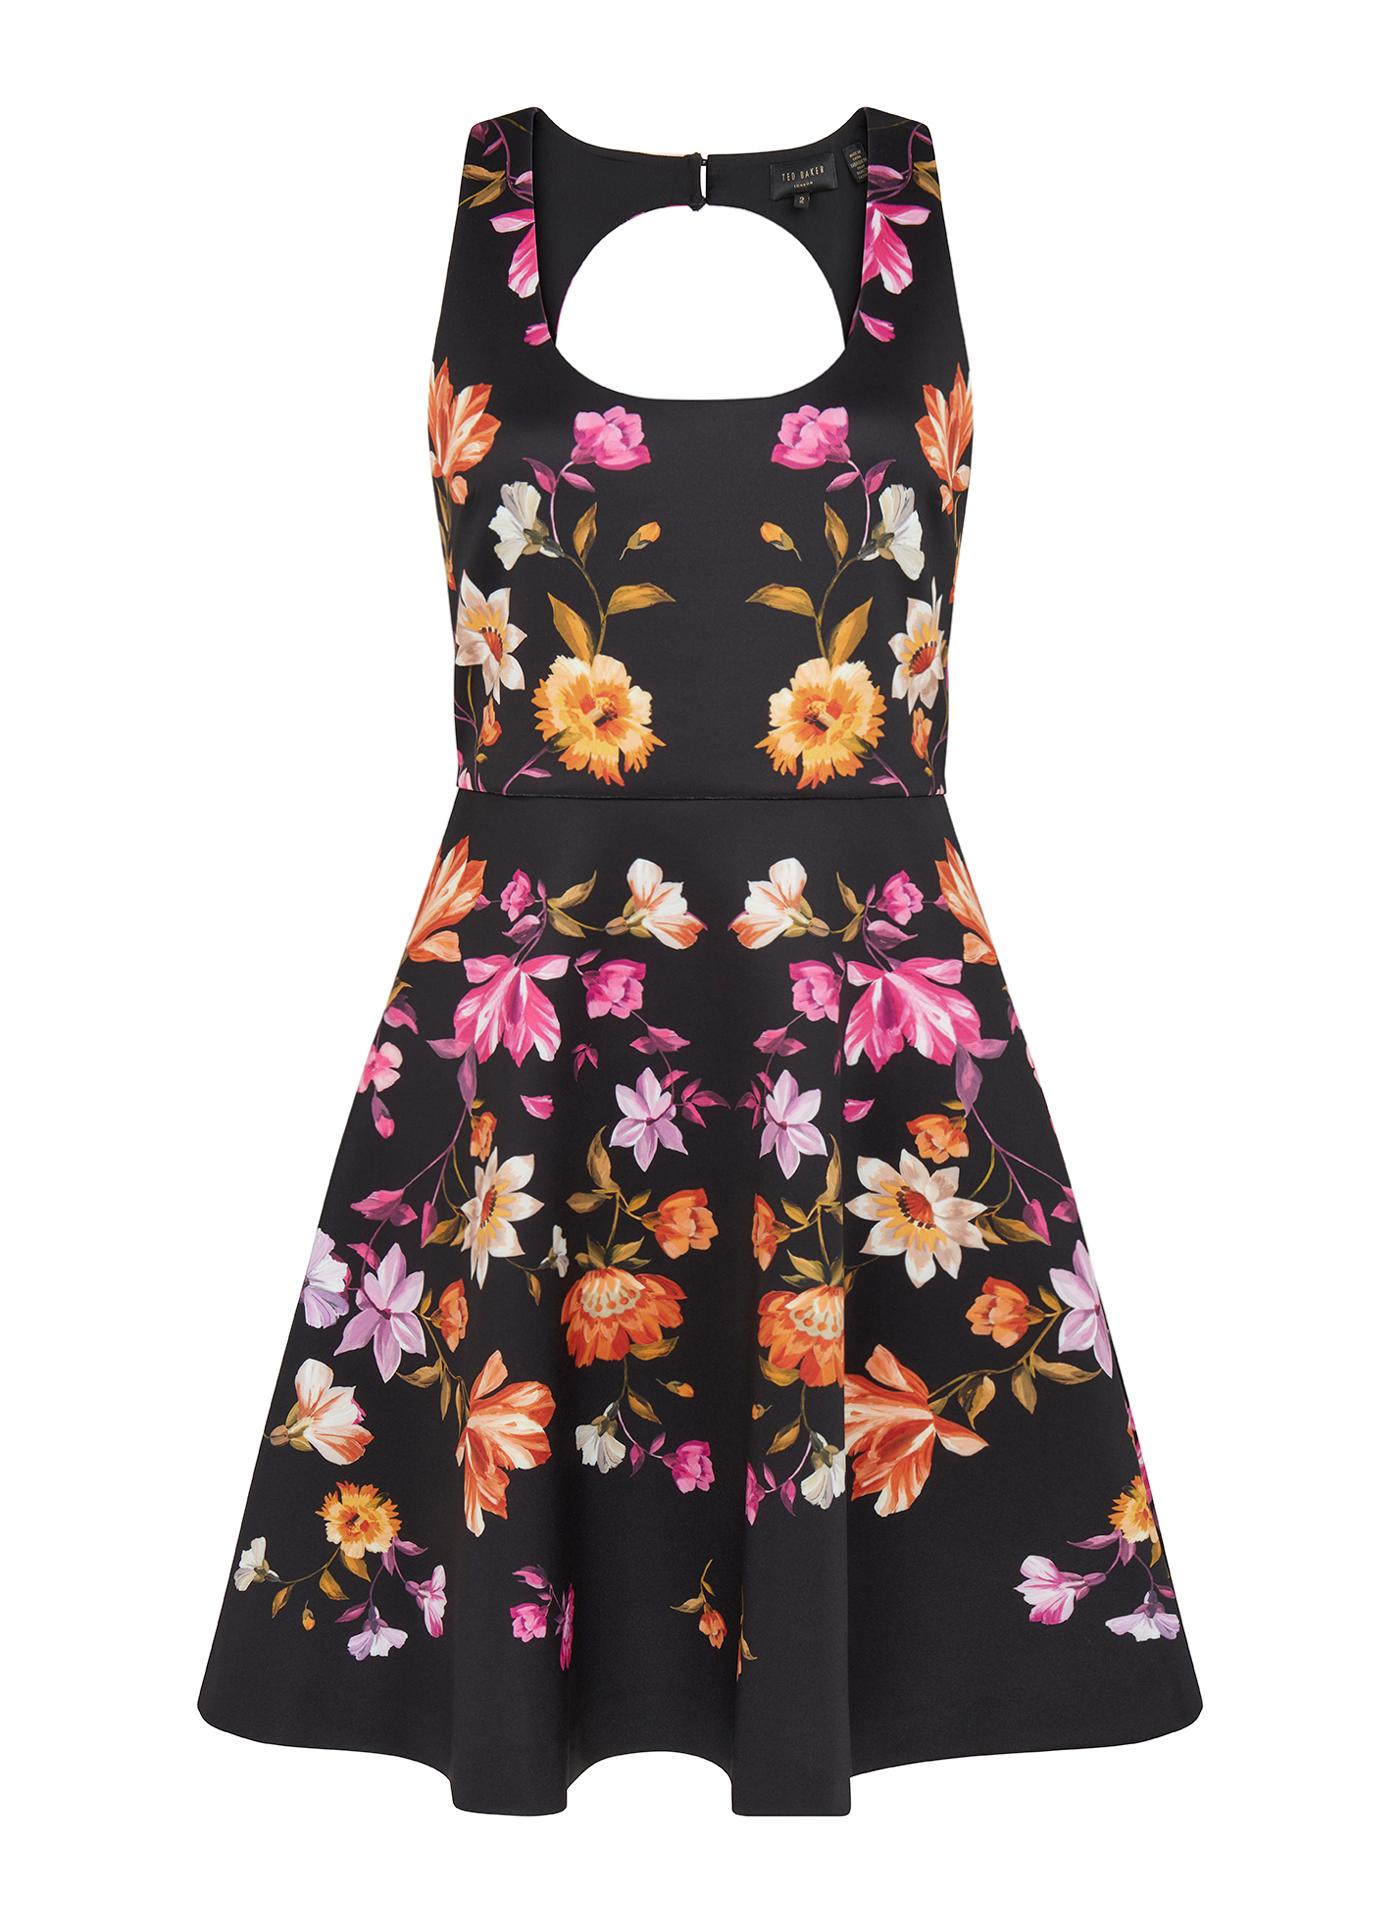 Ted Baker floral short dress